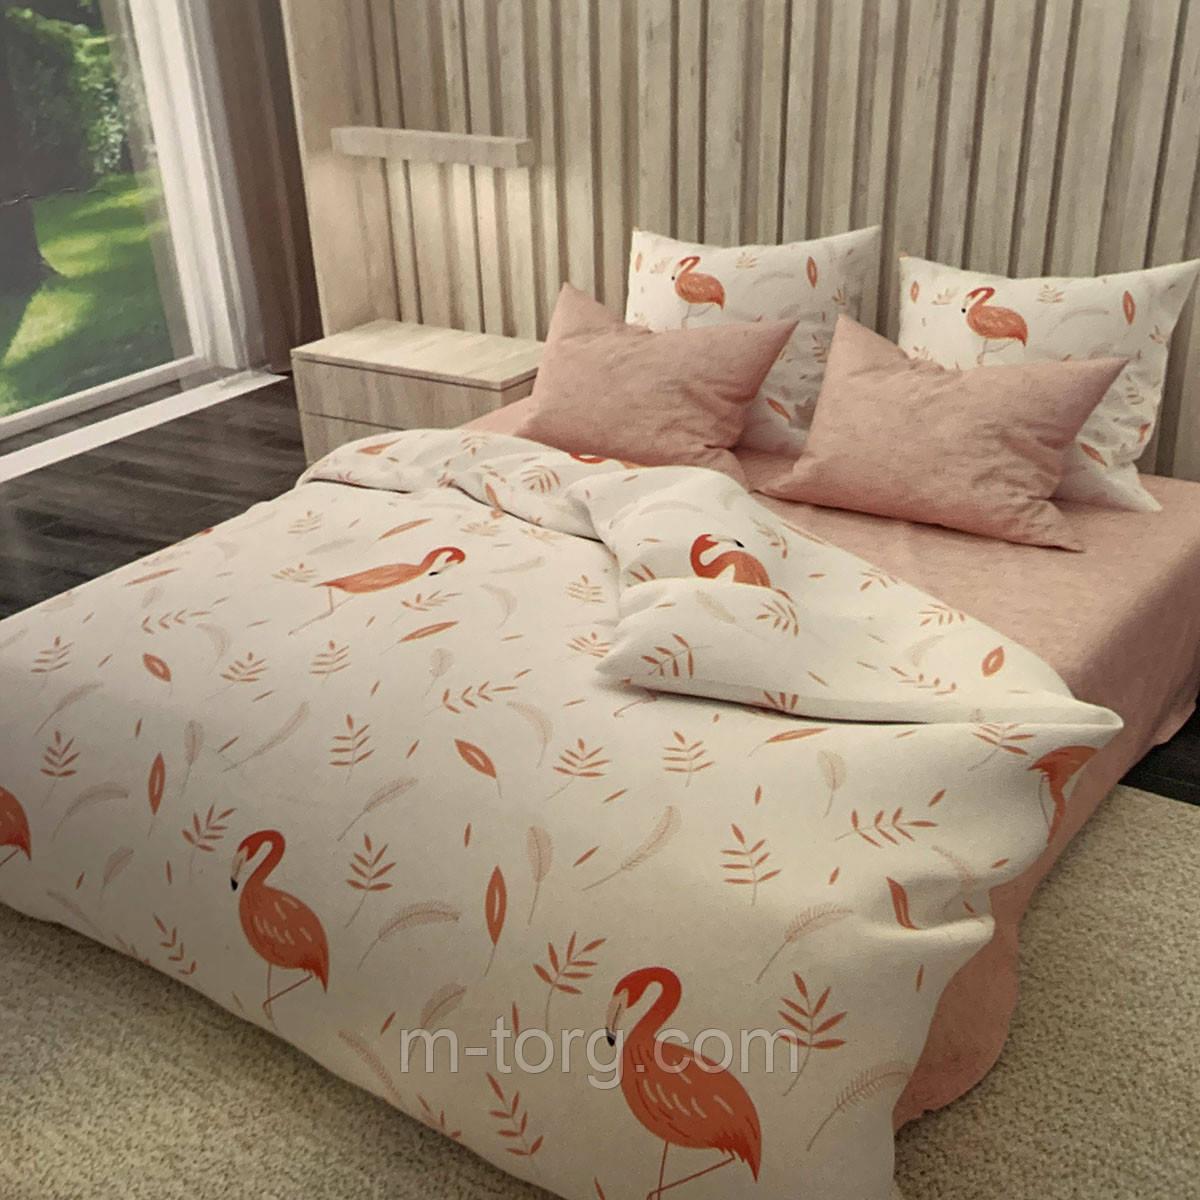 Комплект постельного белья двуспальный 180/210, нав-ки 70/70, ткань сатин, 100% состоит из хлопка